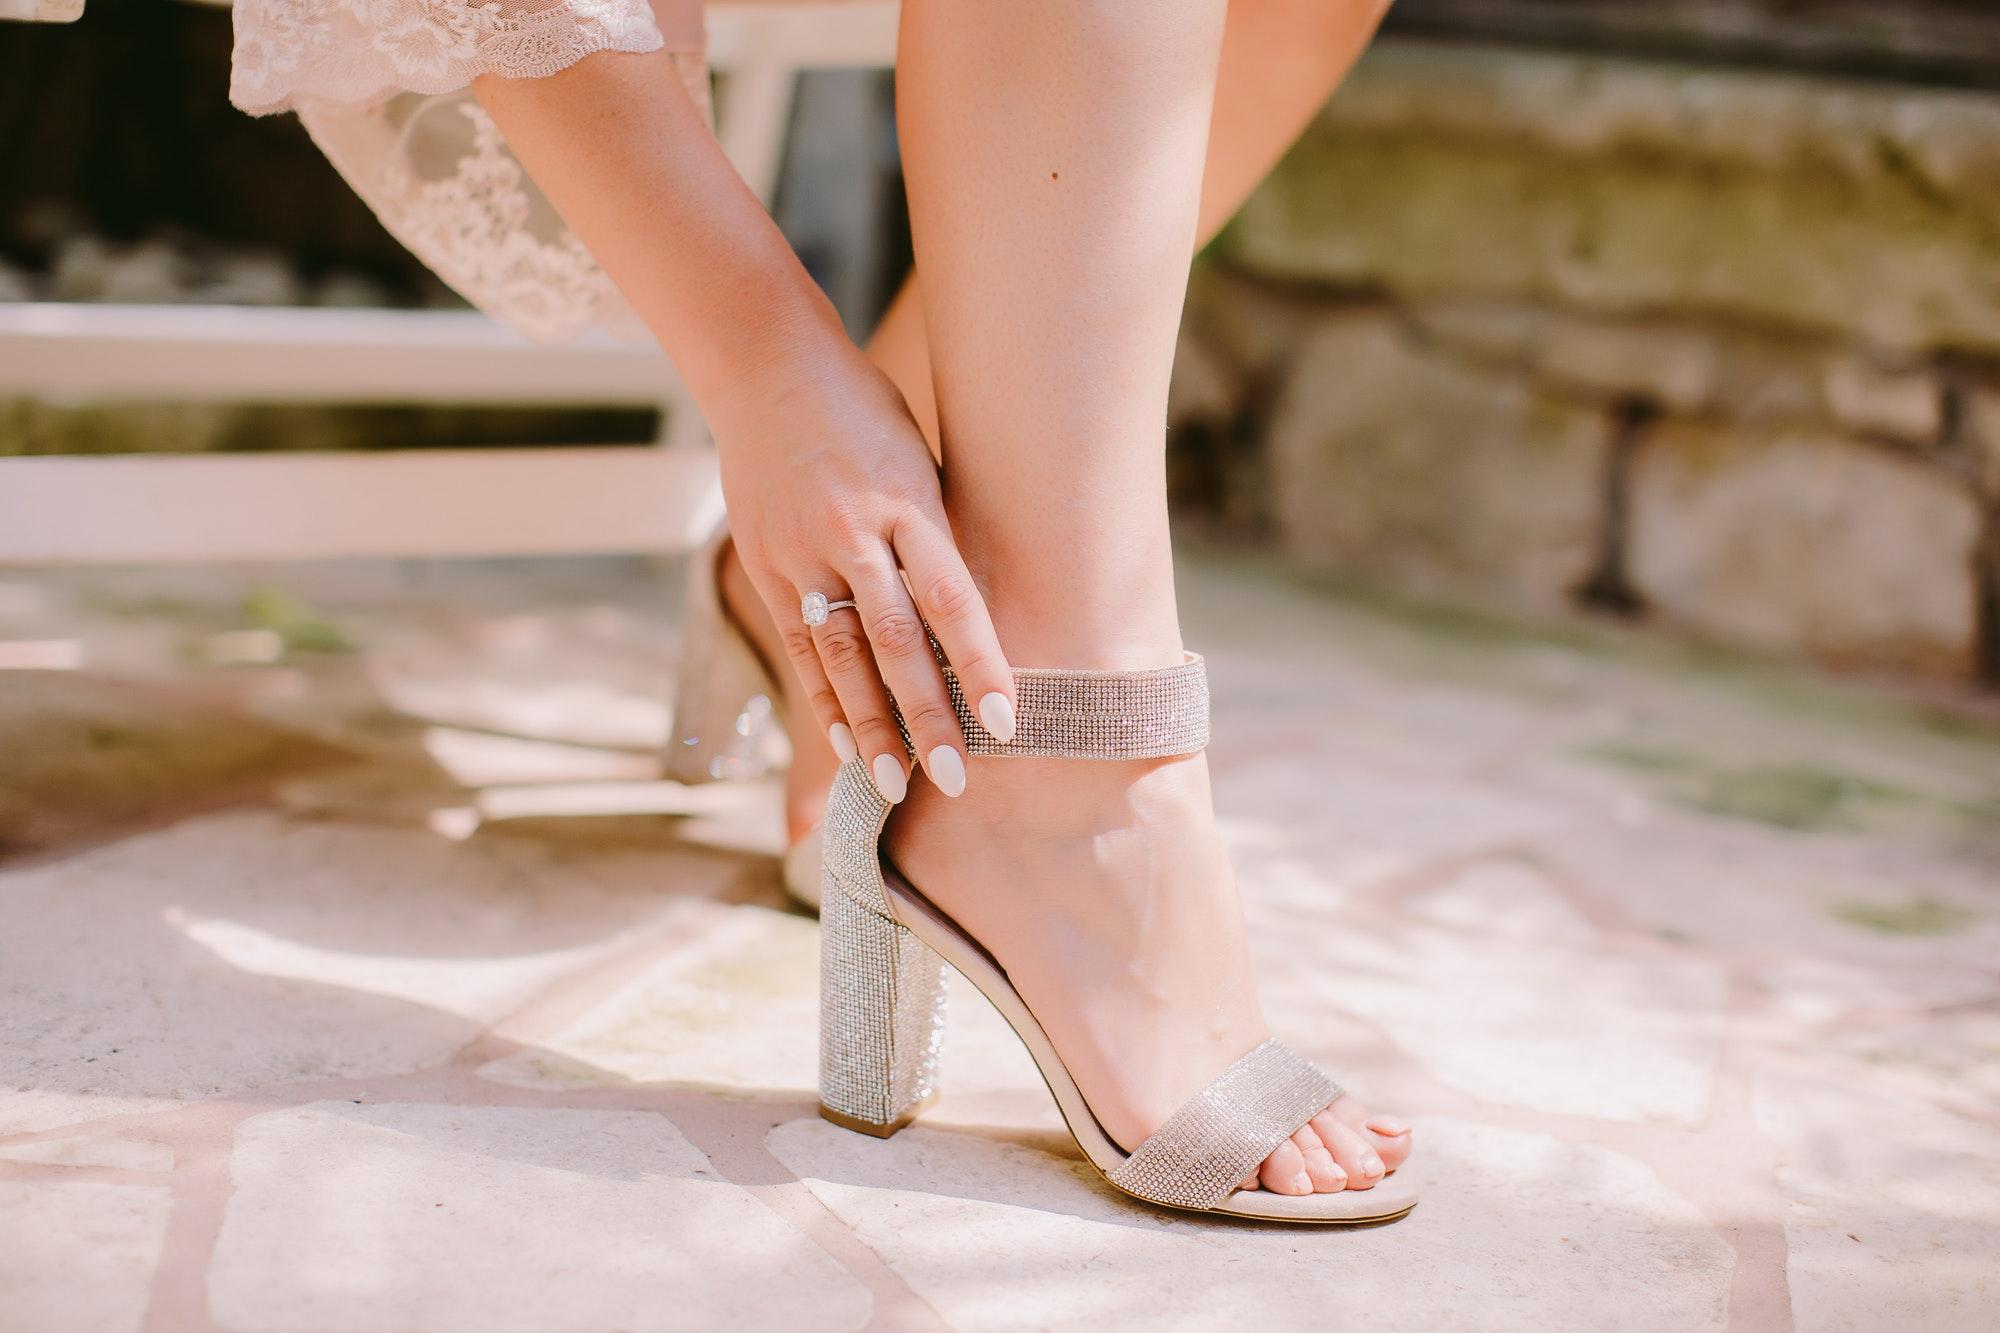 woman wearing high heel shoes